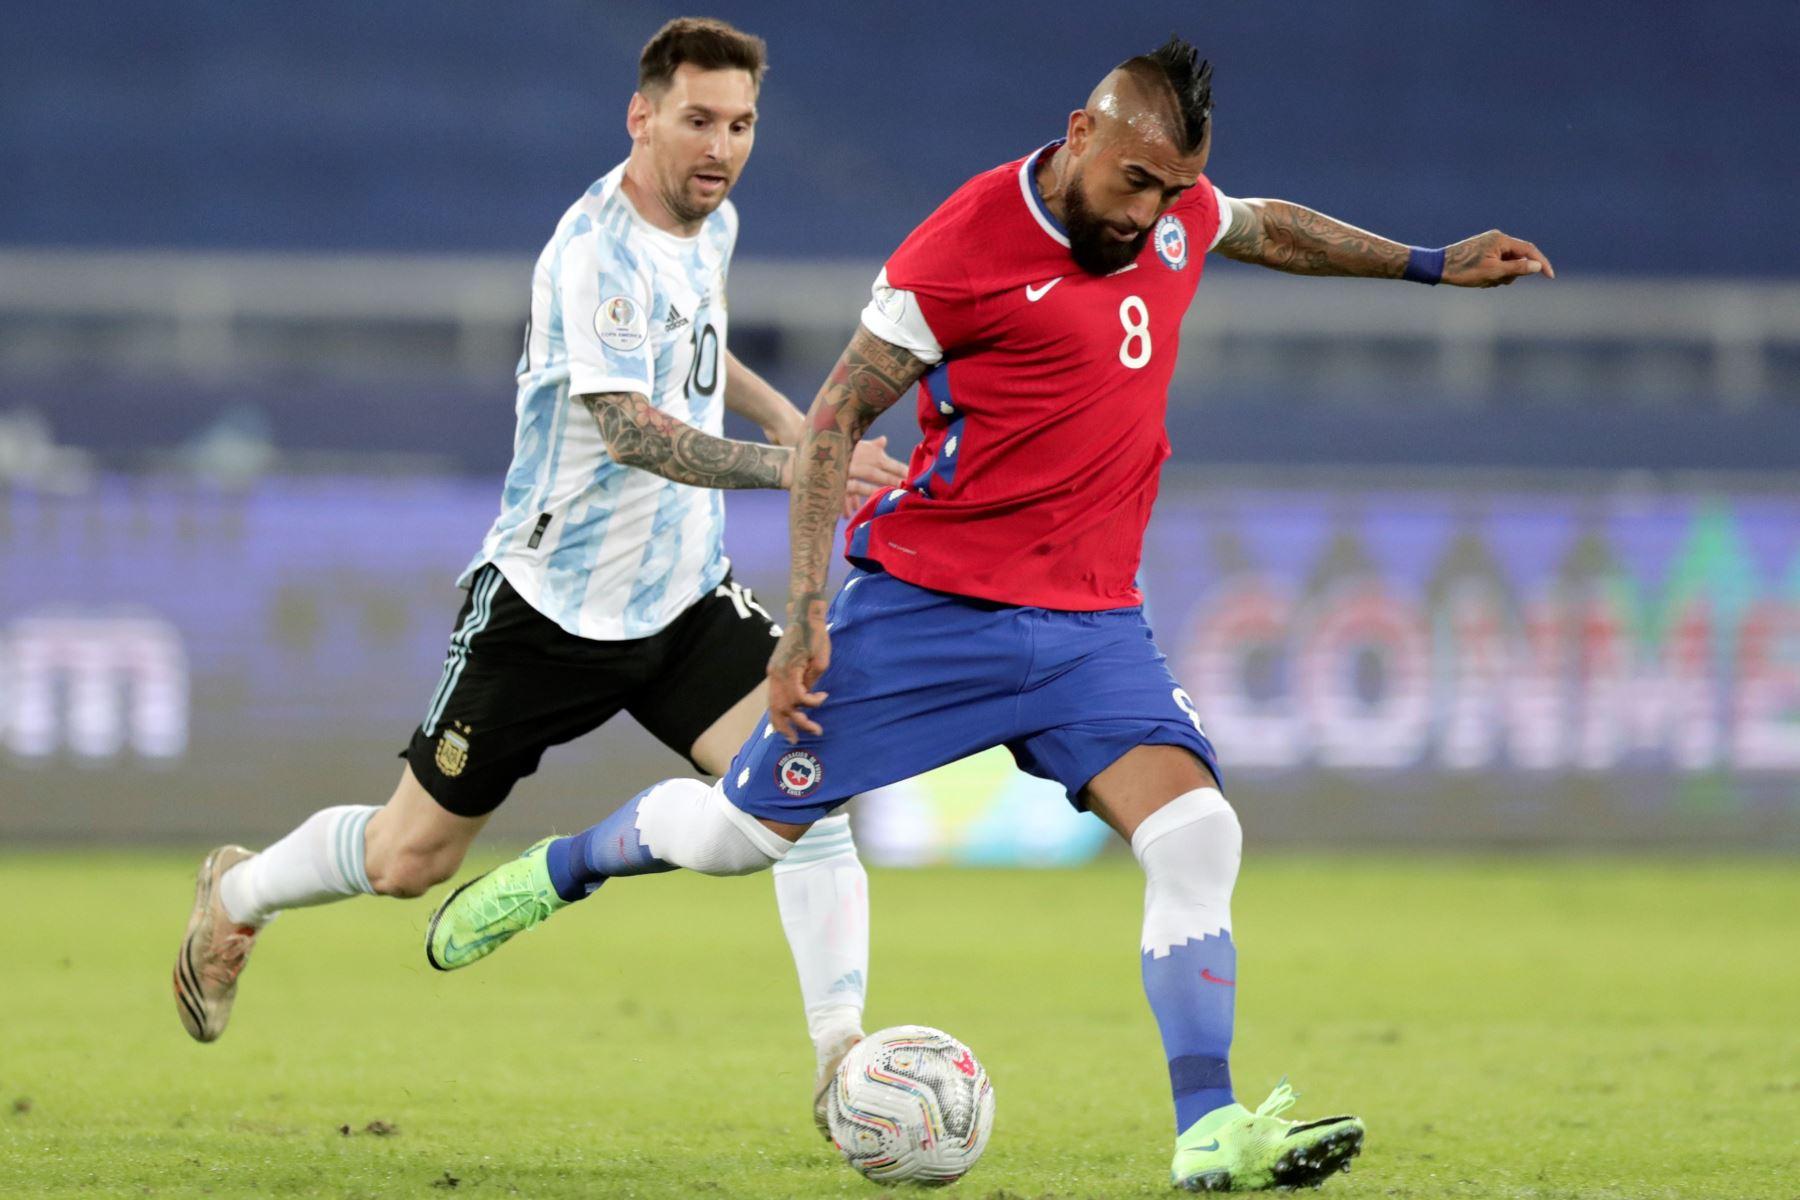 Lionel Messi de Argentina disputa un balón con Arturo Vidal de Chile hoy, en un partido del grupo B de la Copa América entre las selecciones de Argentina y Chile en el estadio Olímpico Nilton Santos en Río de Janeiro (Brasil). Foto: EFE